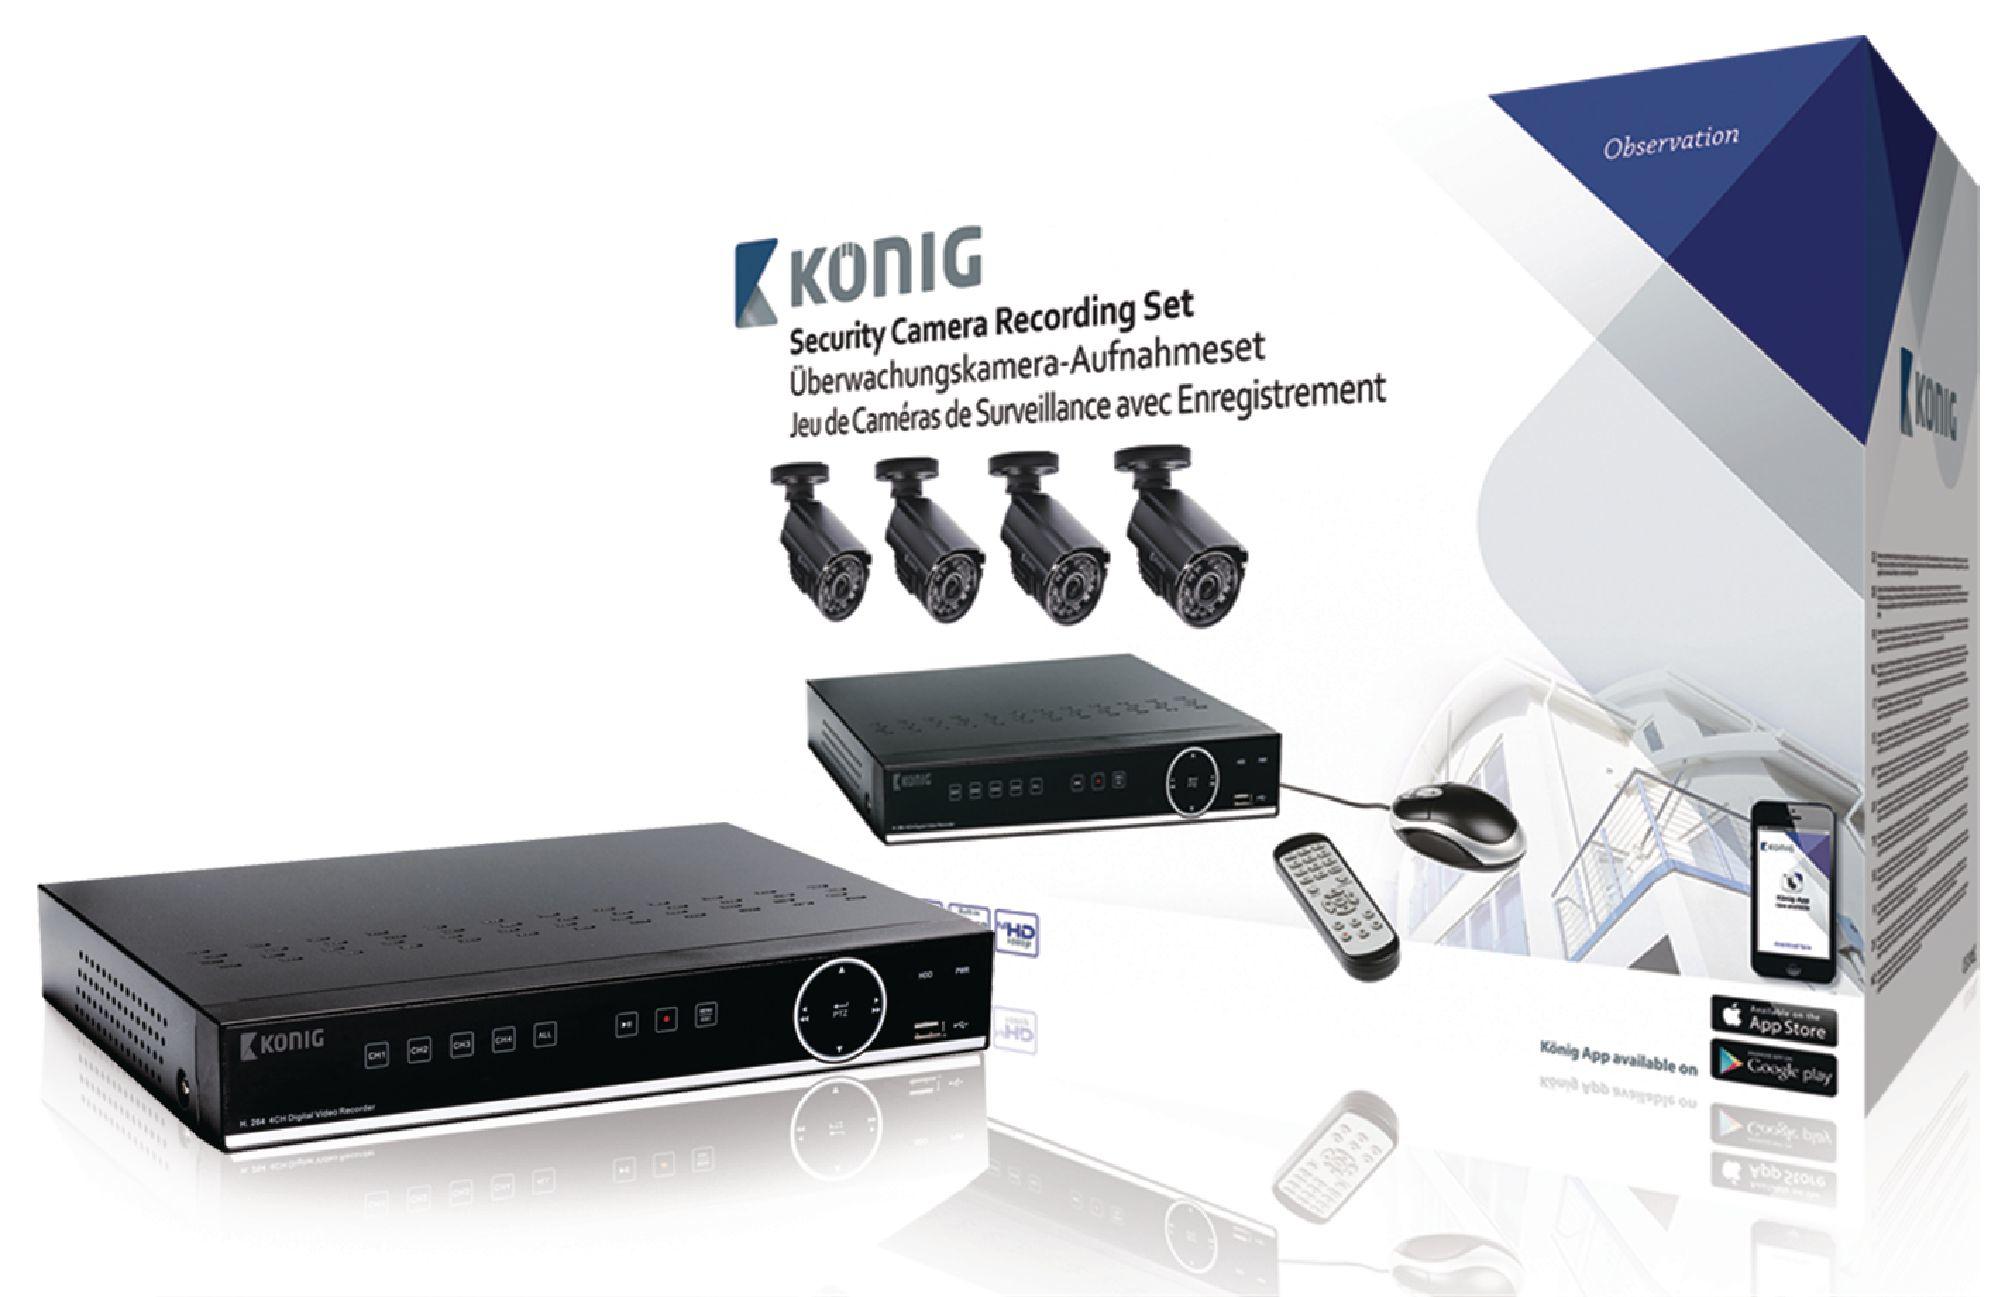 König SAS-SETDVR45 Security Set mit 500GB DVR und 4 Kameras für 339,99 Euro